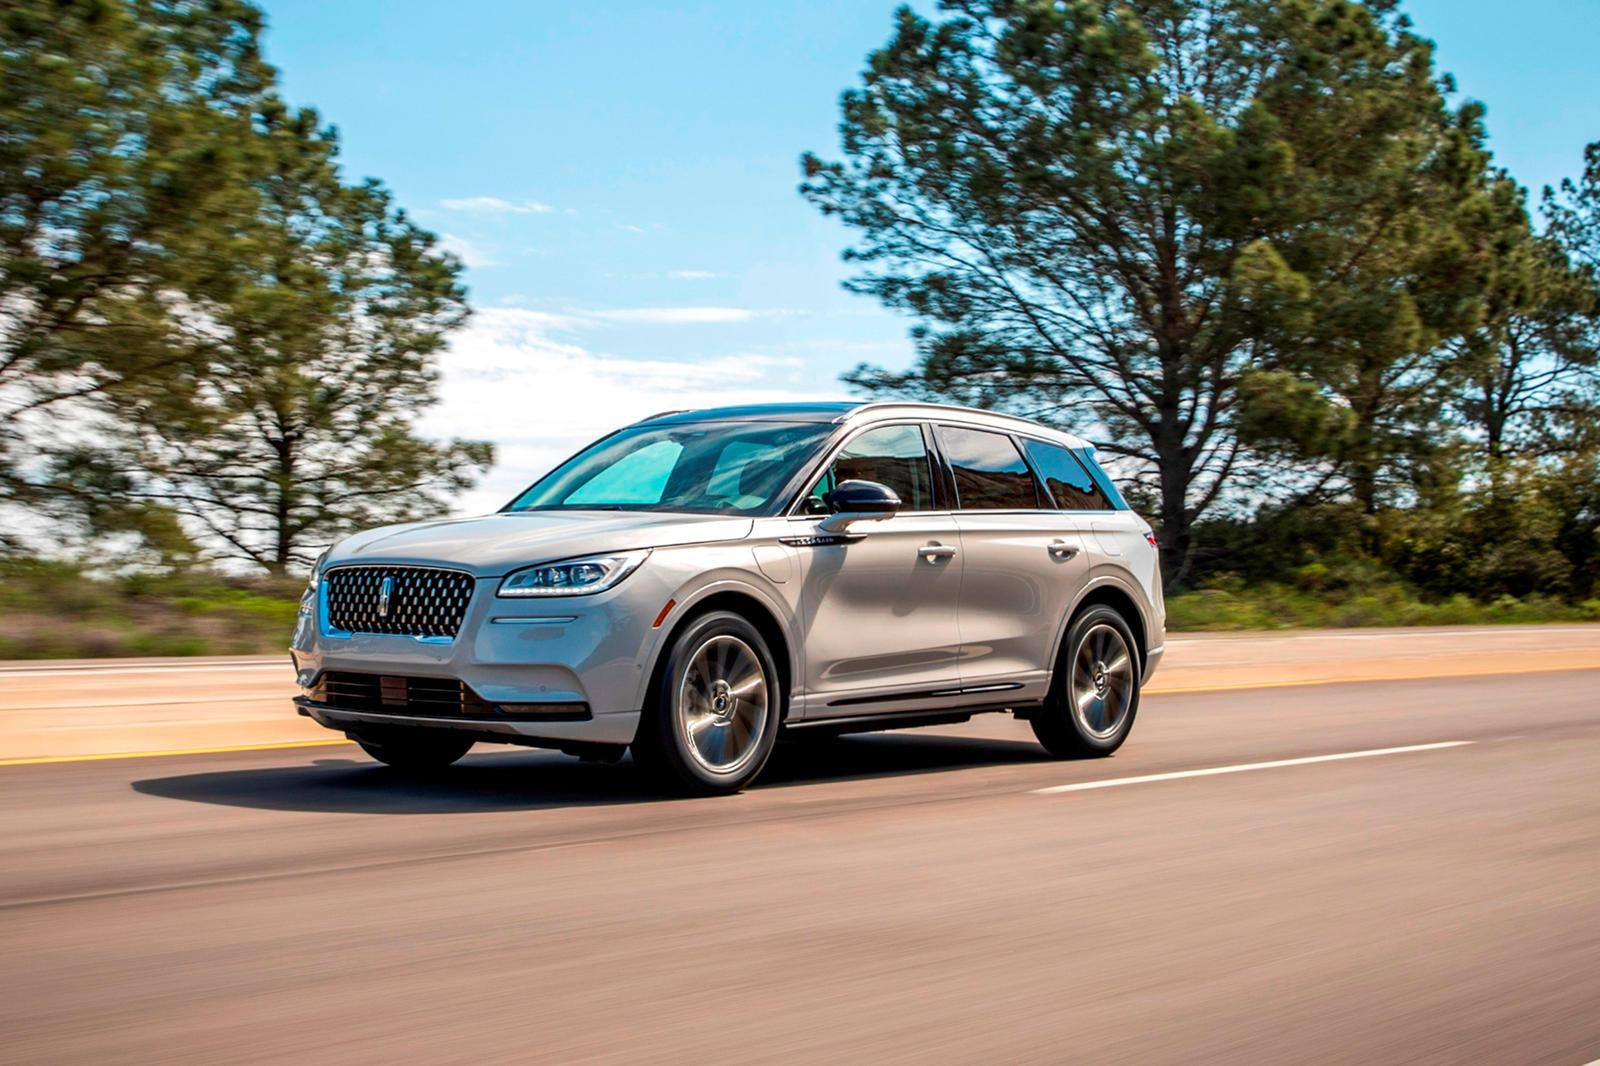 Các công nghệ mới trên xe hơi đang được phát triển từng ngày